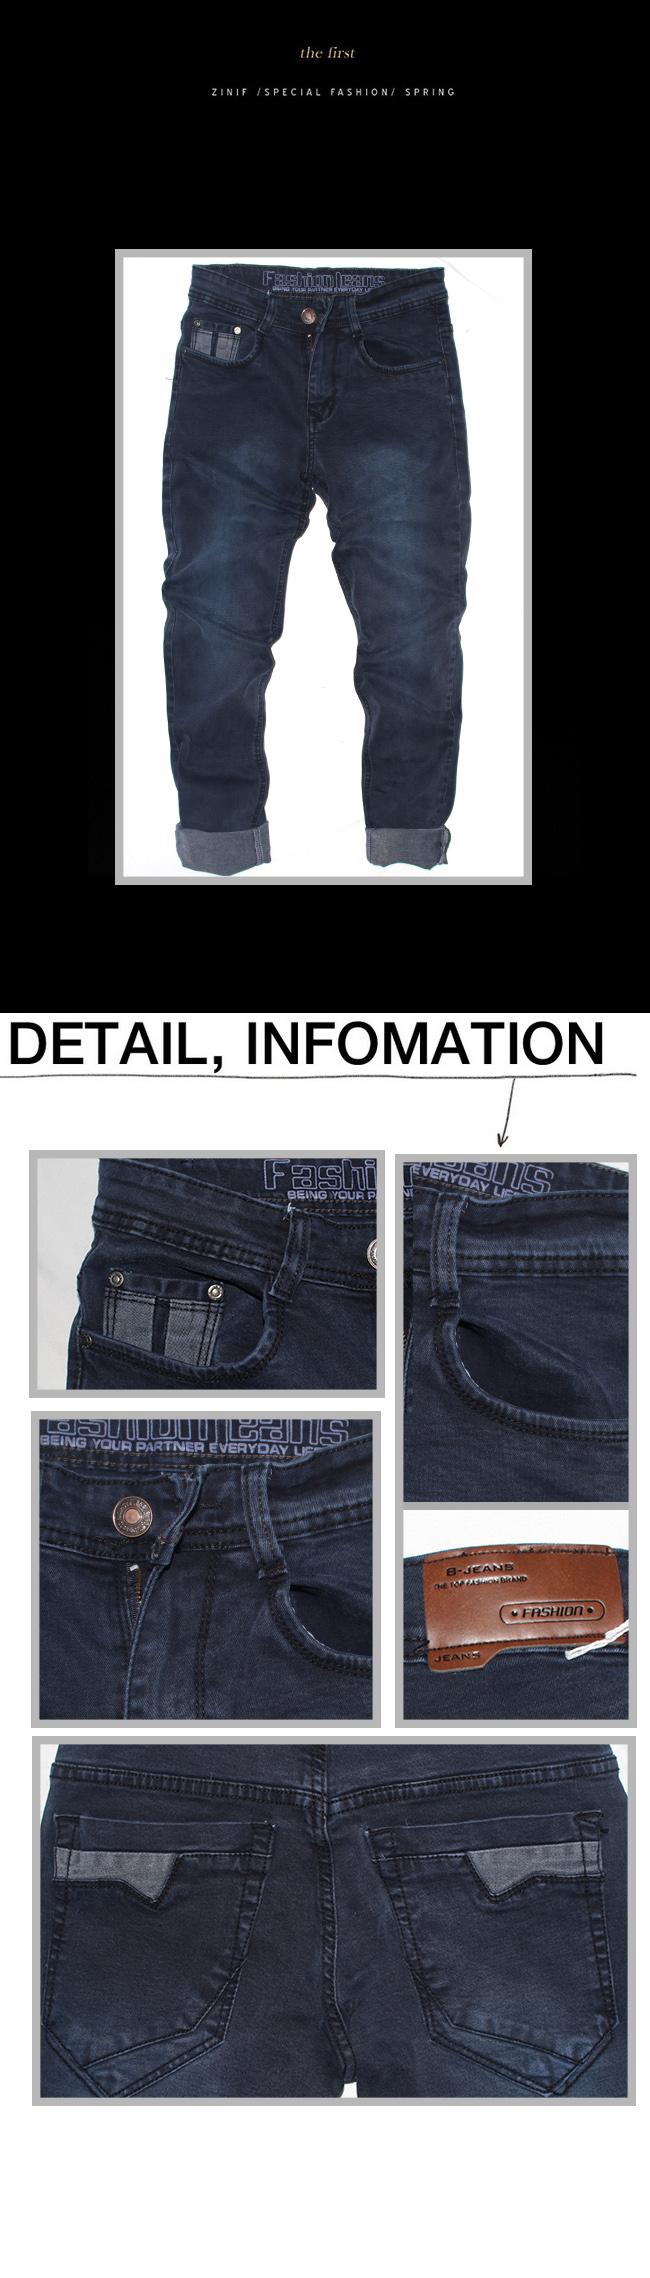 Quần jean xanh đen qj1103-1 - 1